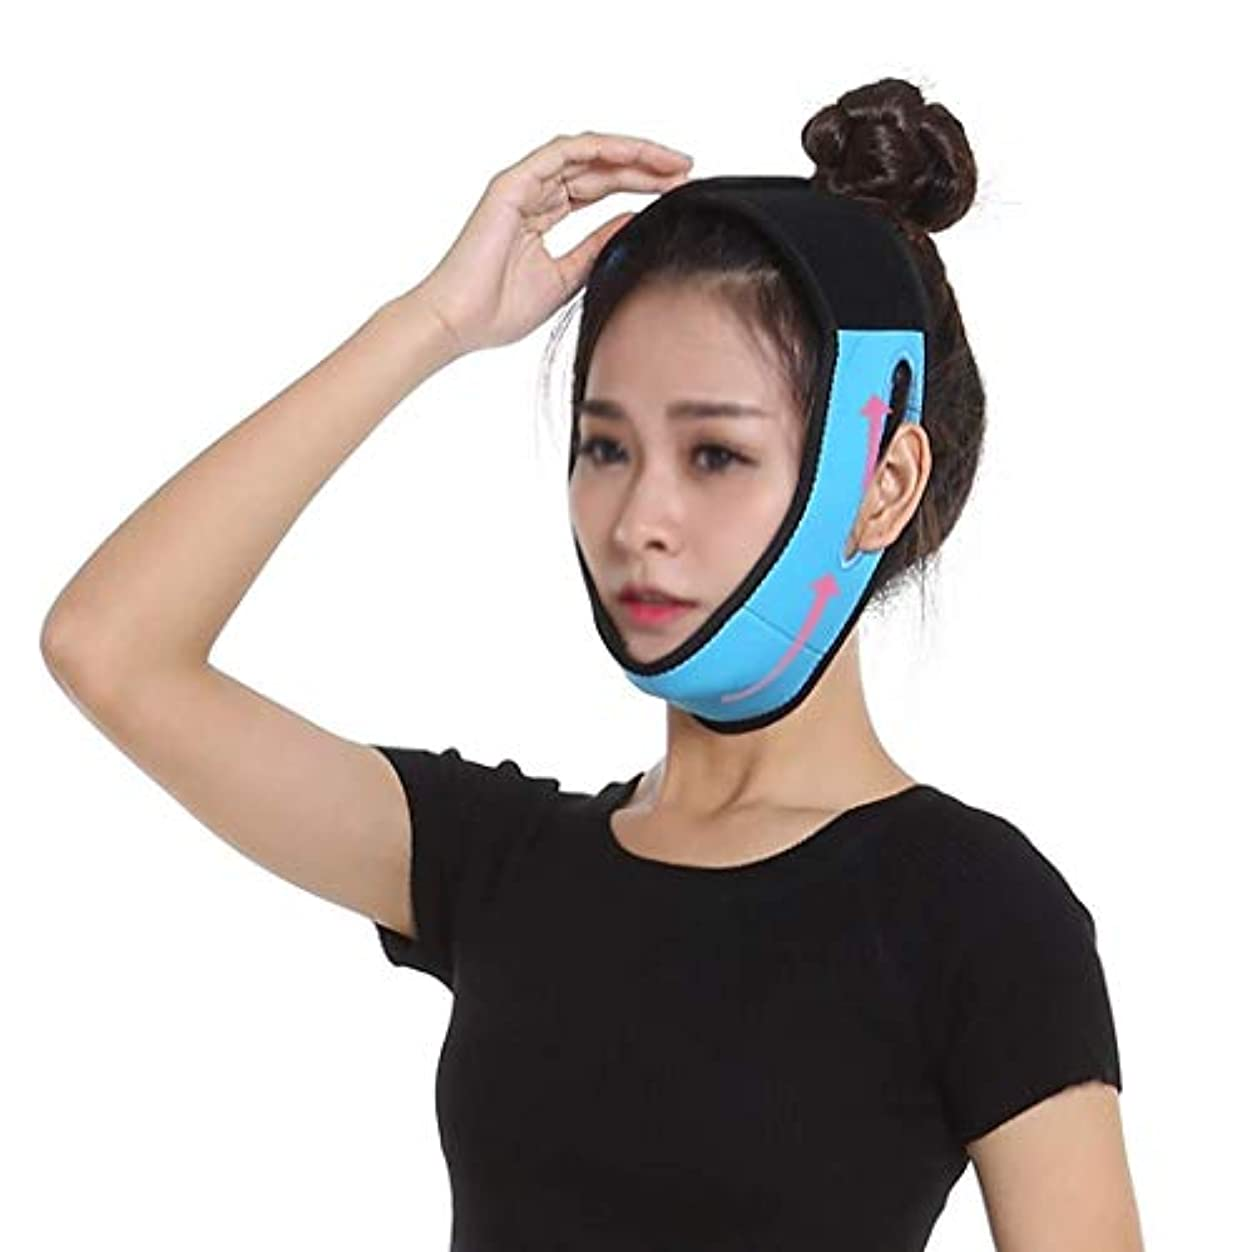 銅あごひげ早熟スリミングベルト、フェイスマスクVフェイスアーティファクトマッサージマスクは、あごの筋肉の収縮を強化し、Vフェイスリフトを簡単に形成するタイトな青い包帯